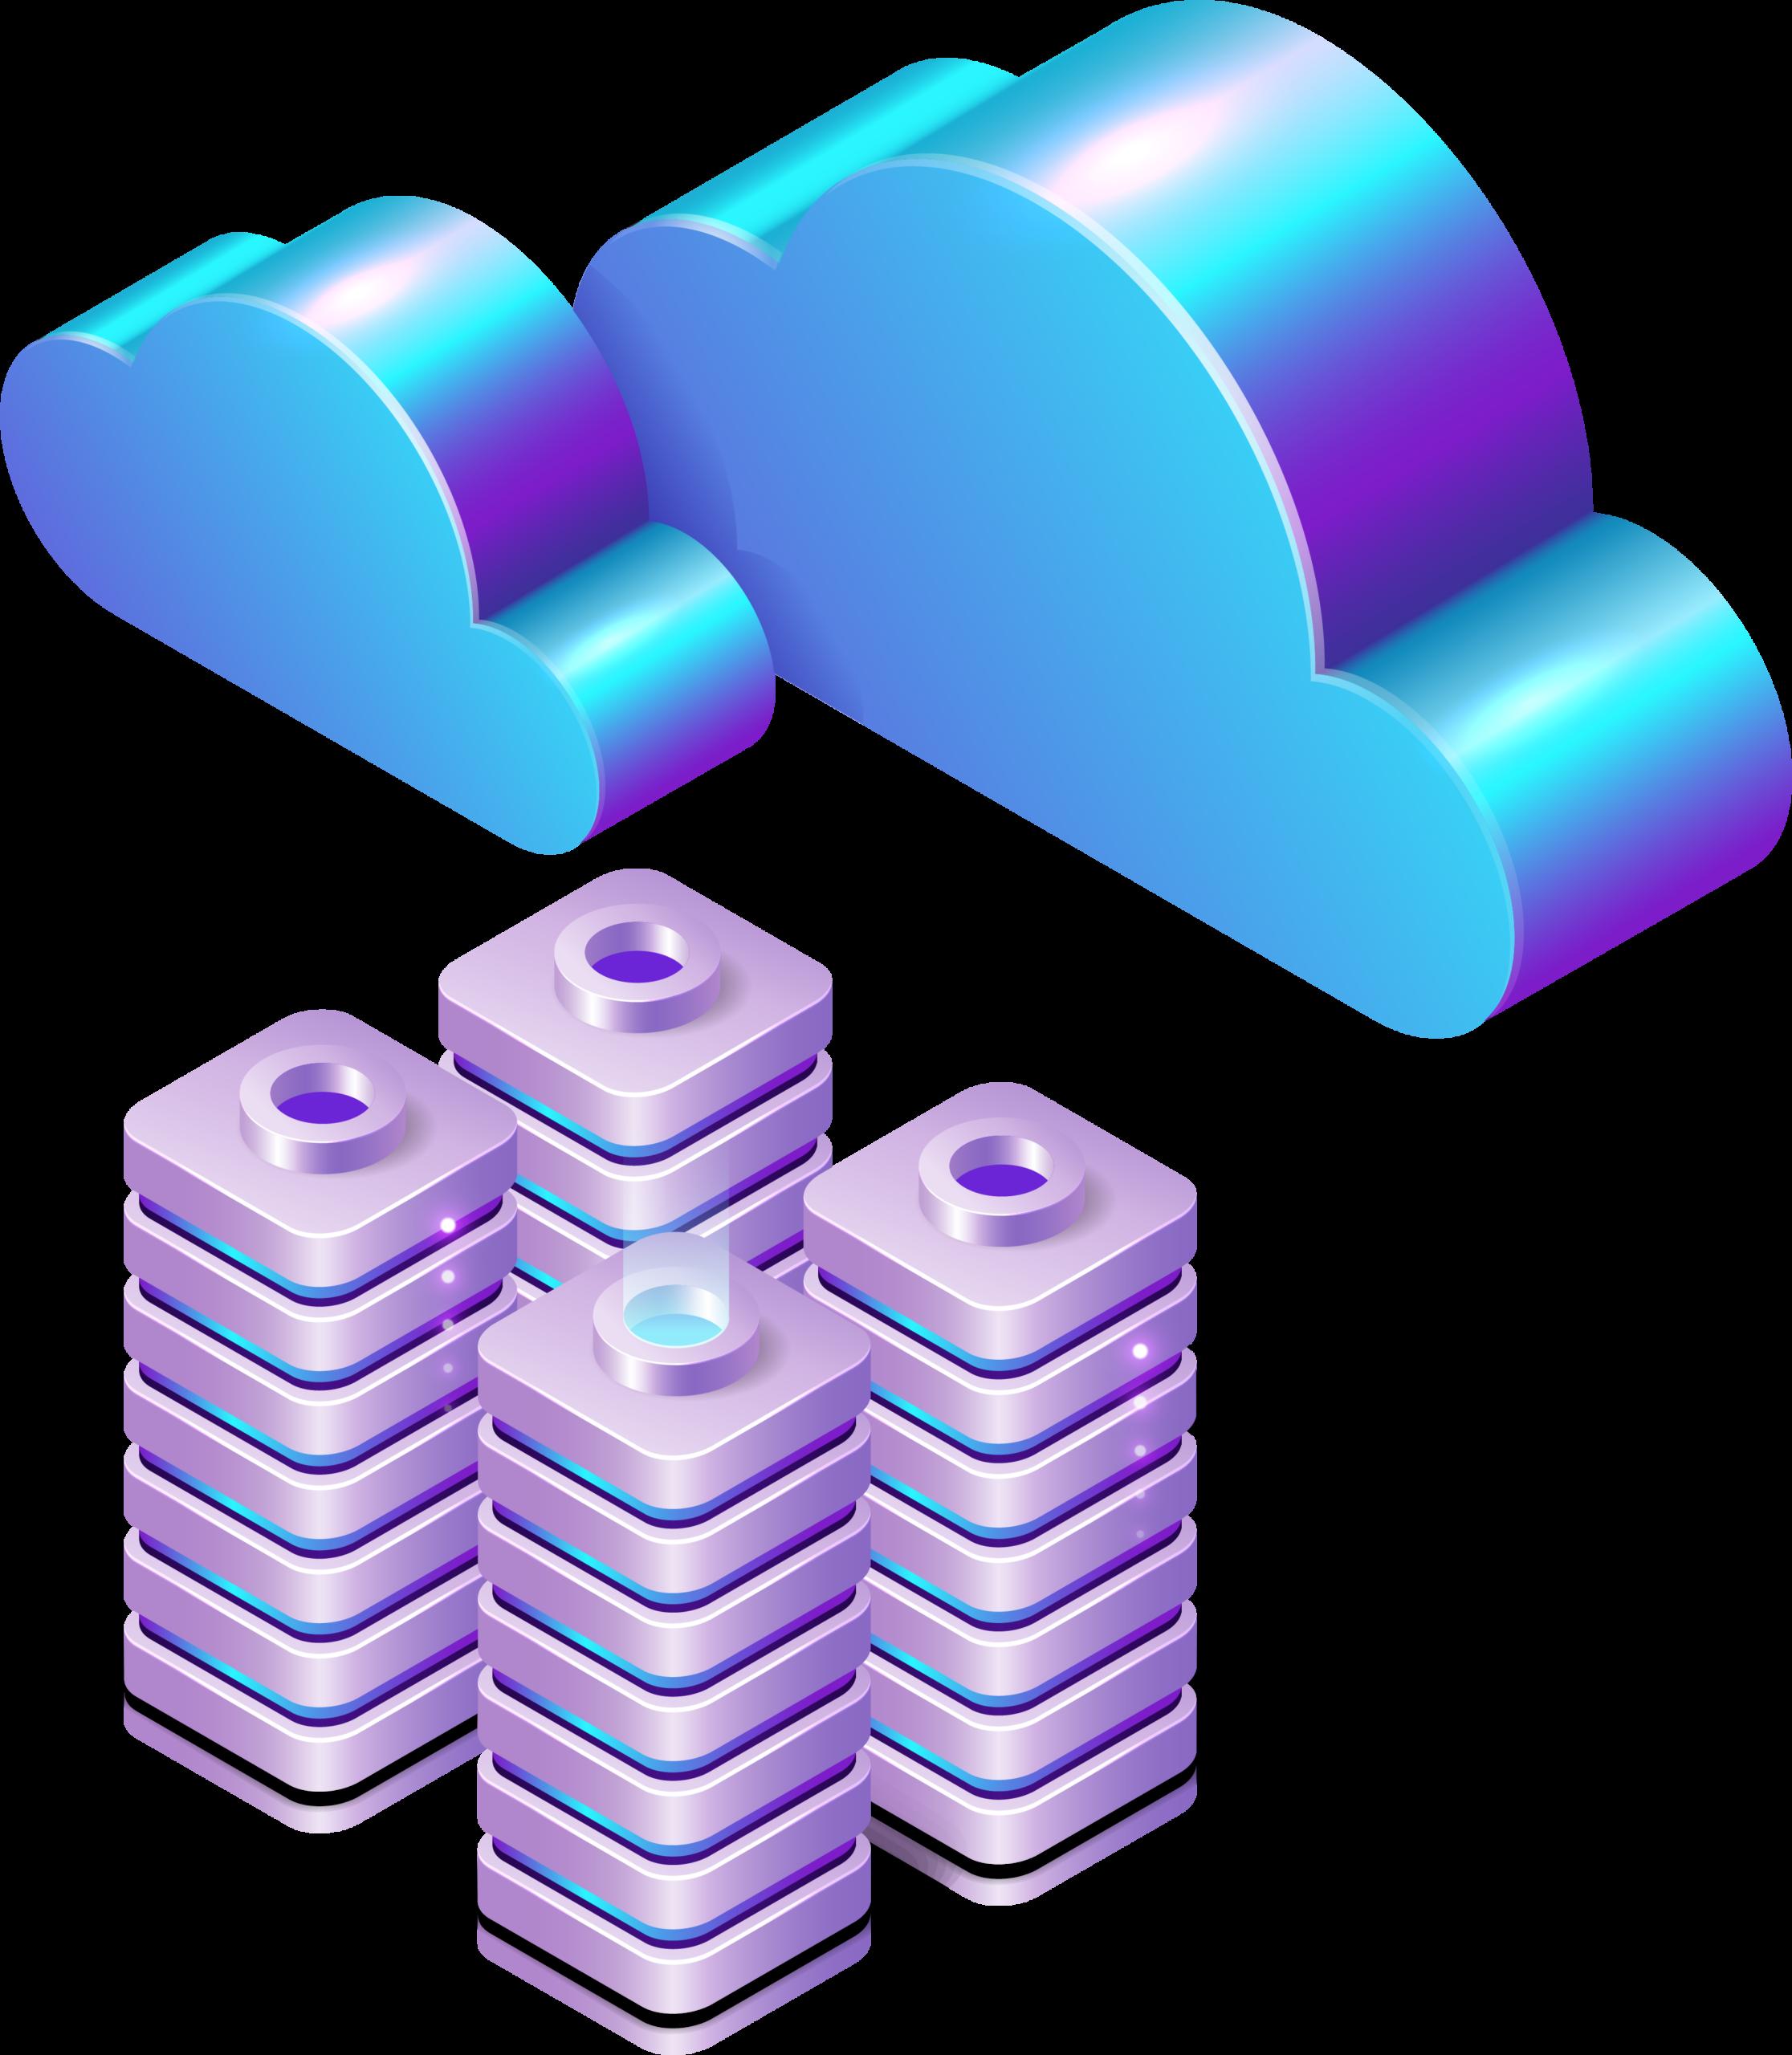 Modern Data Center & Cloud